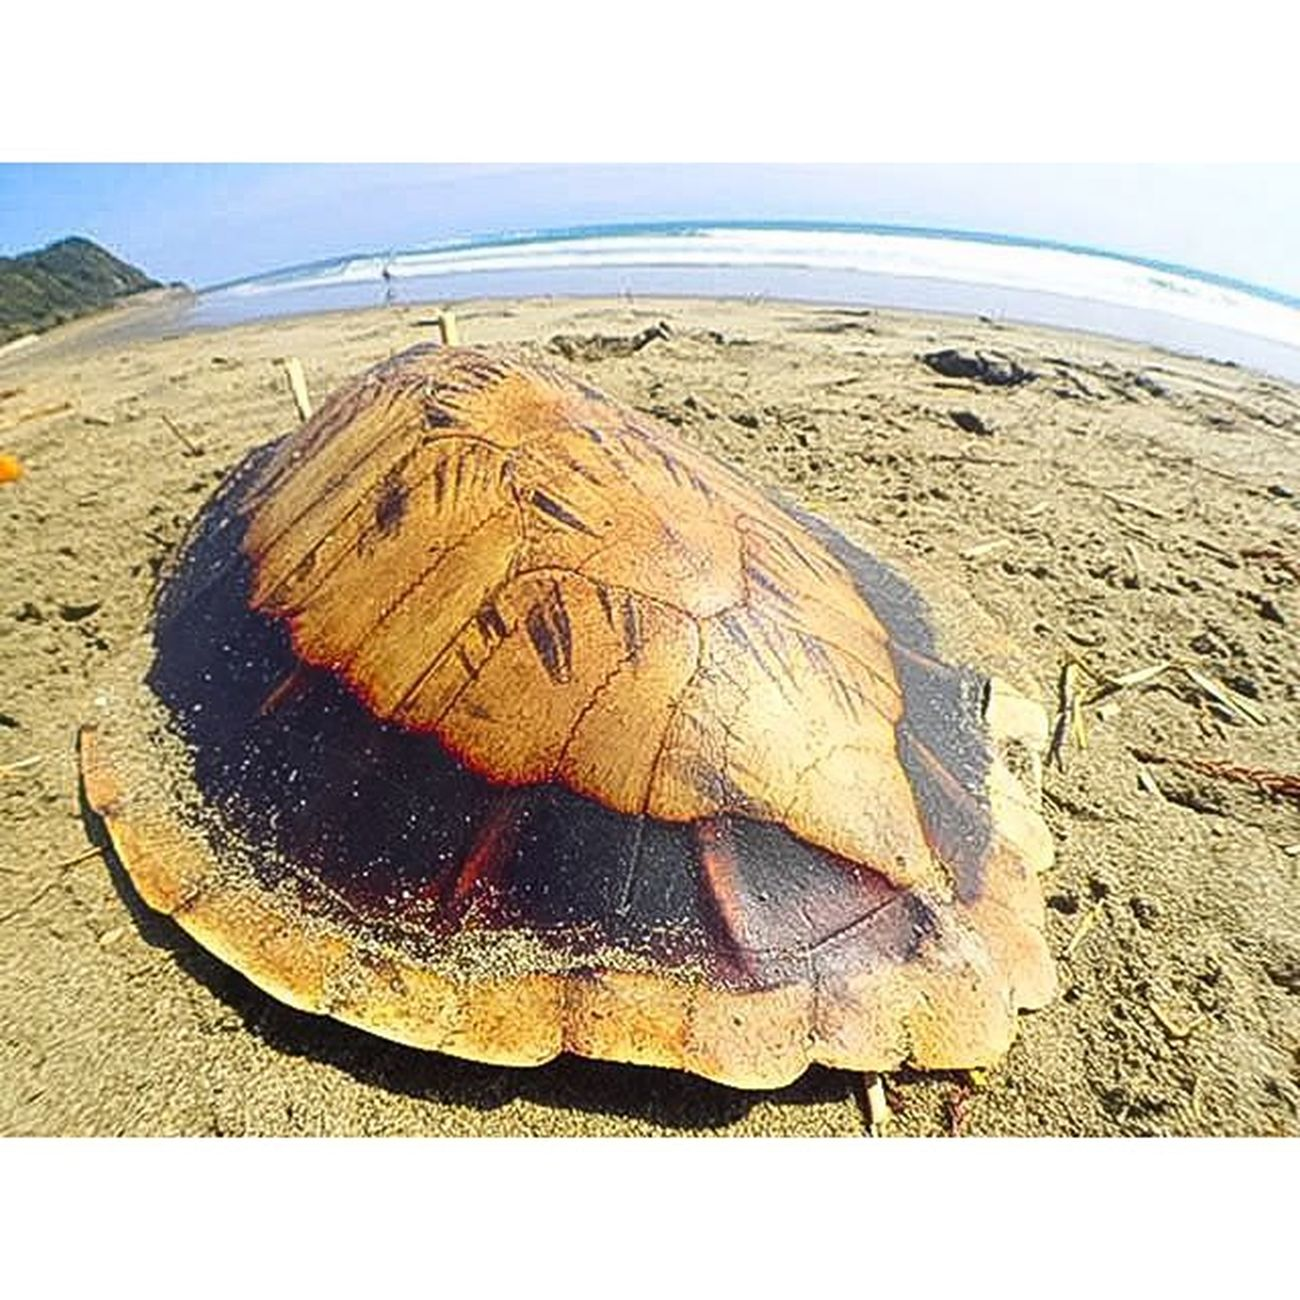 アオウミガメの甲羅。マンライズ マンライズサーフトリップ